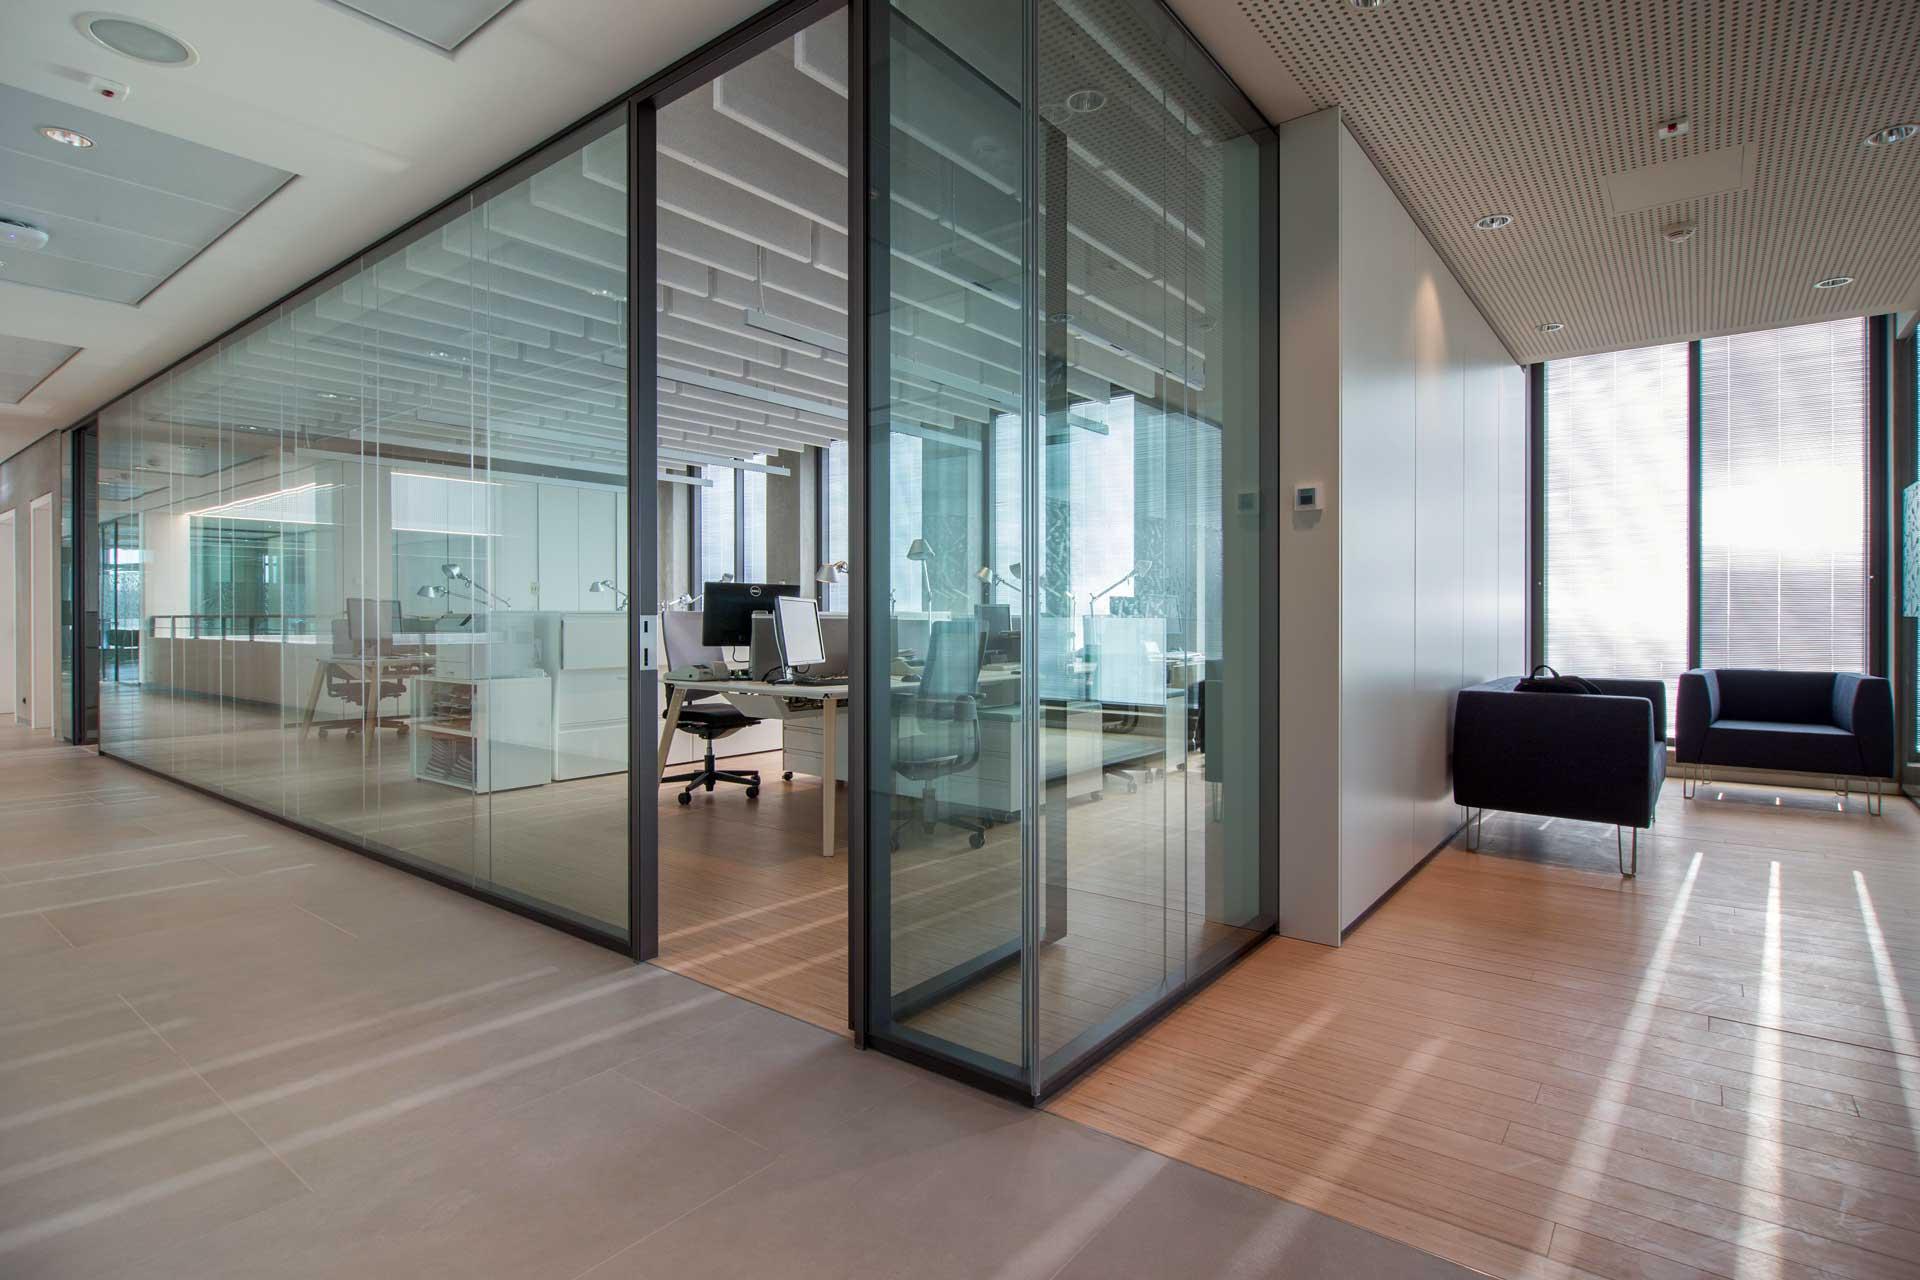 spazi lavorativi realizzati grazie alla parte vetrata P900